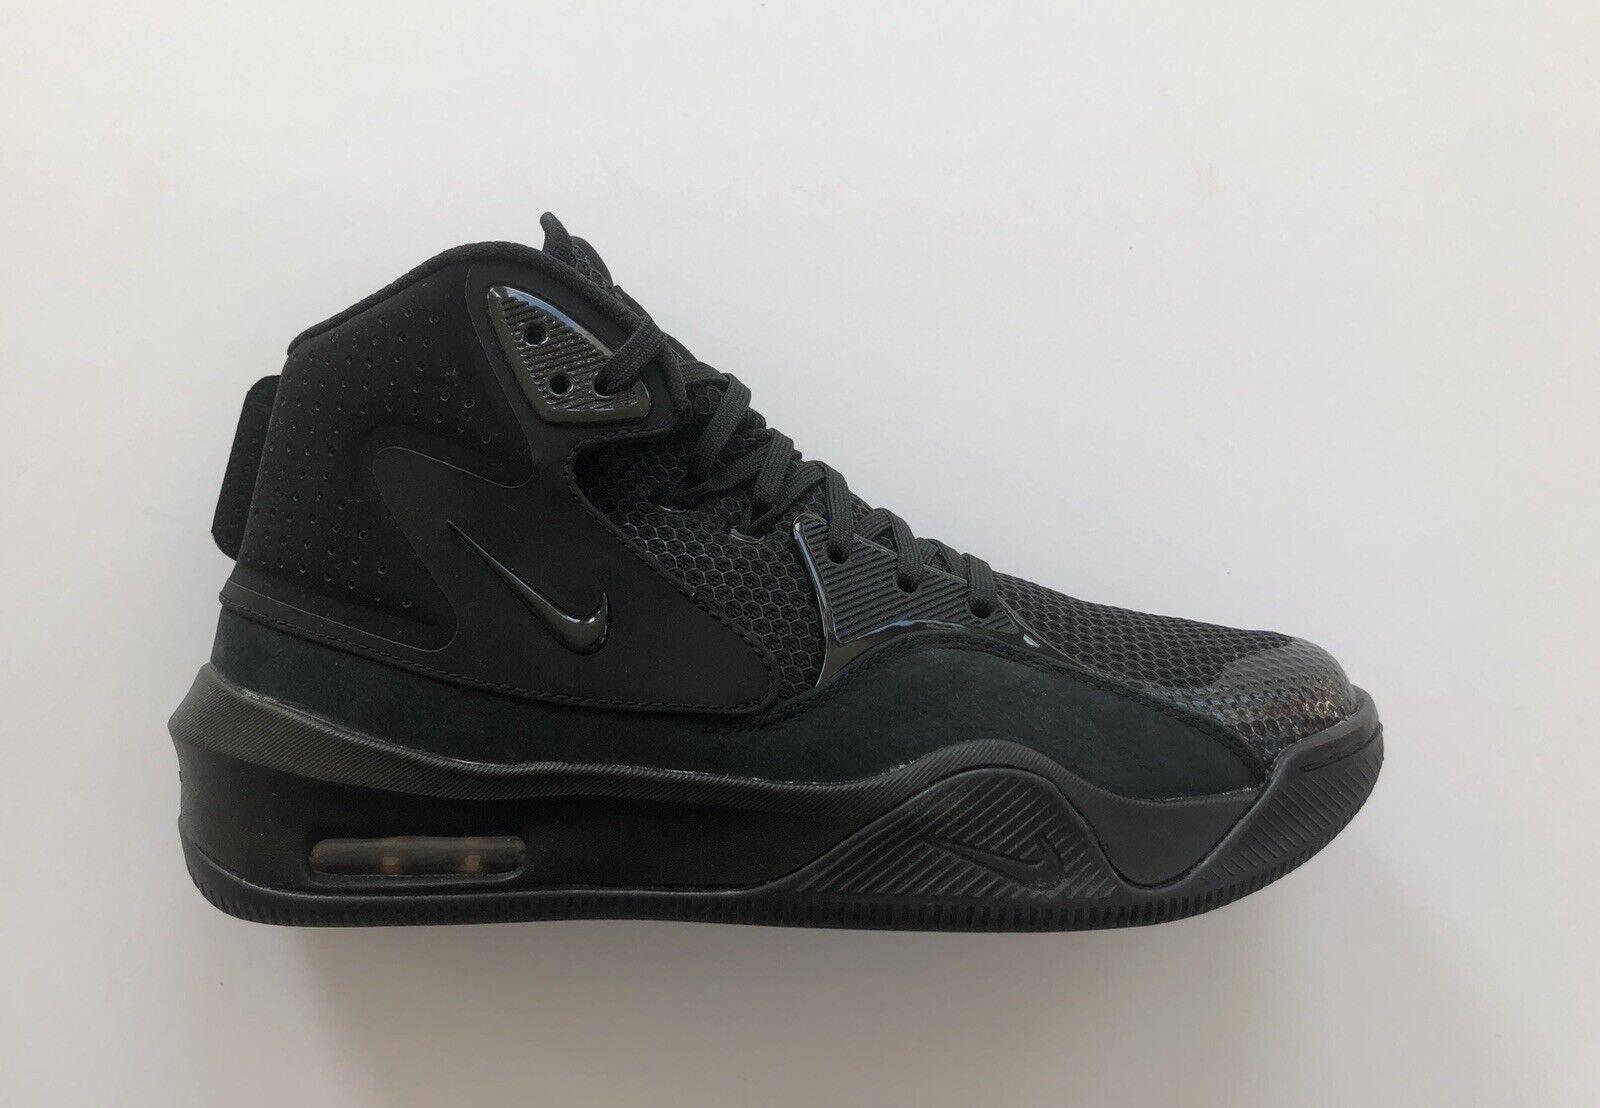 Nike DangeRuss Wilson 1 Training Black Russell Seahawks AO0846-017 Size 10